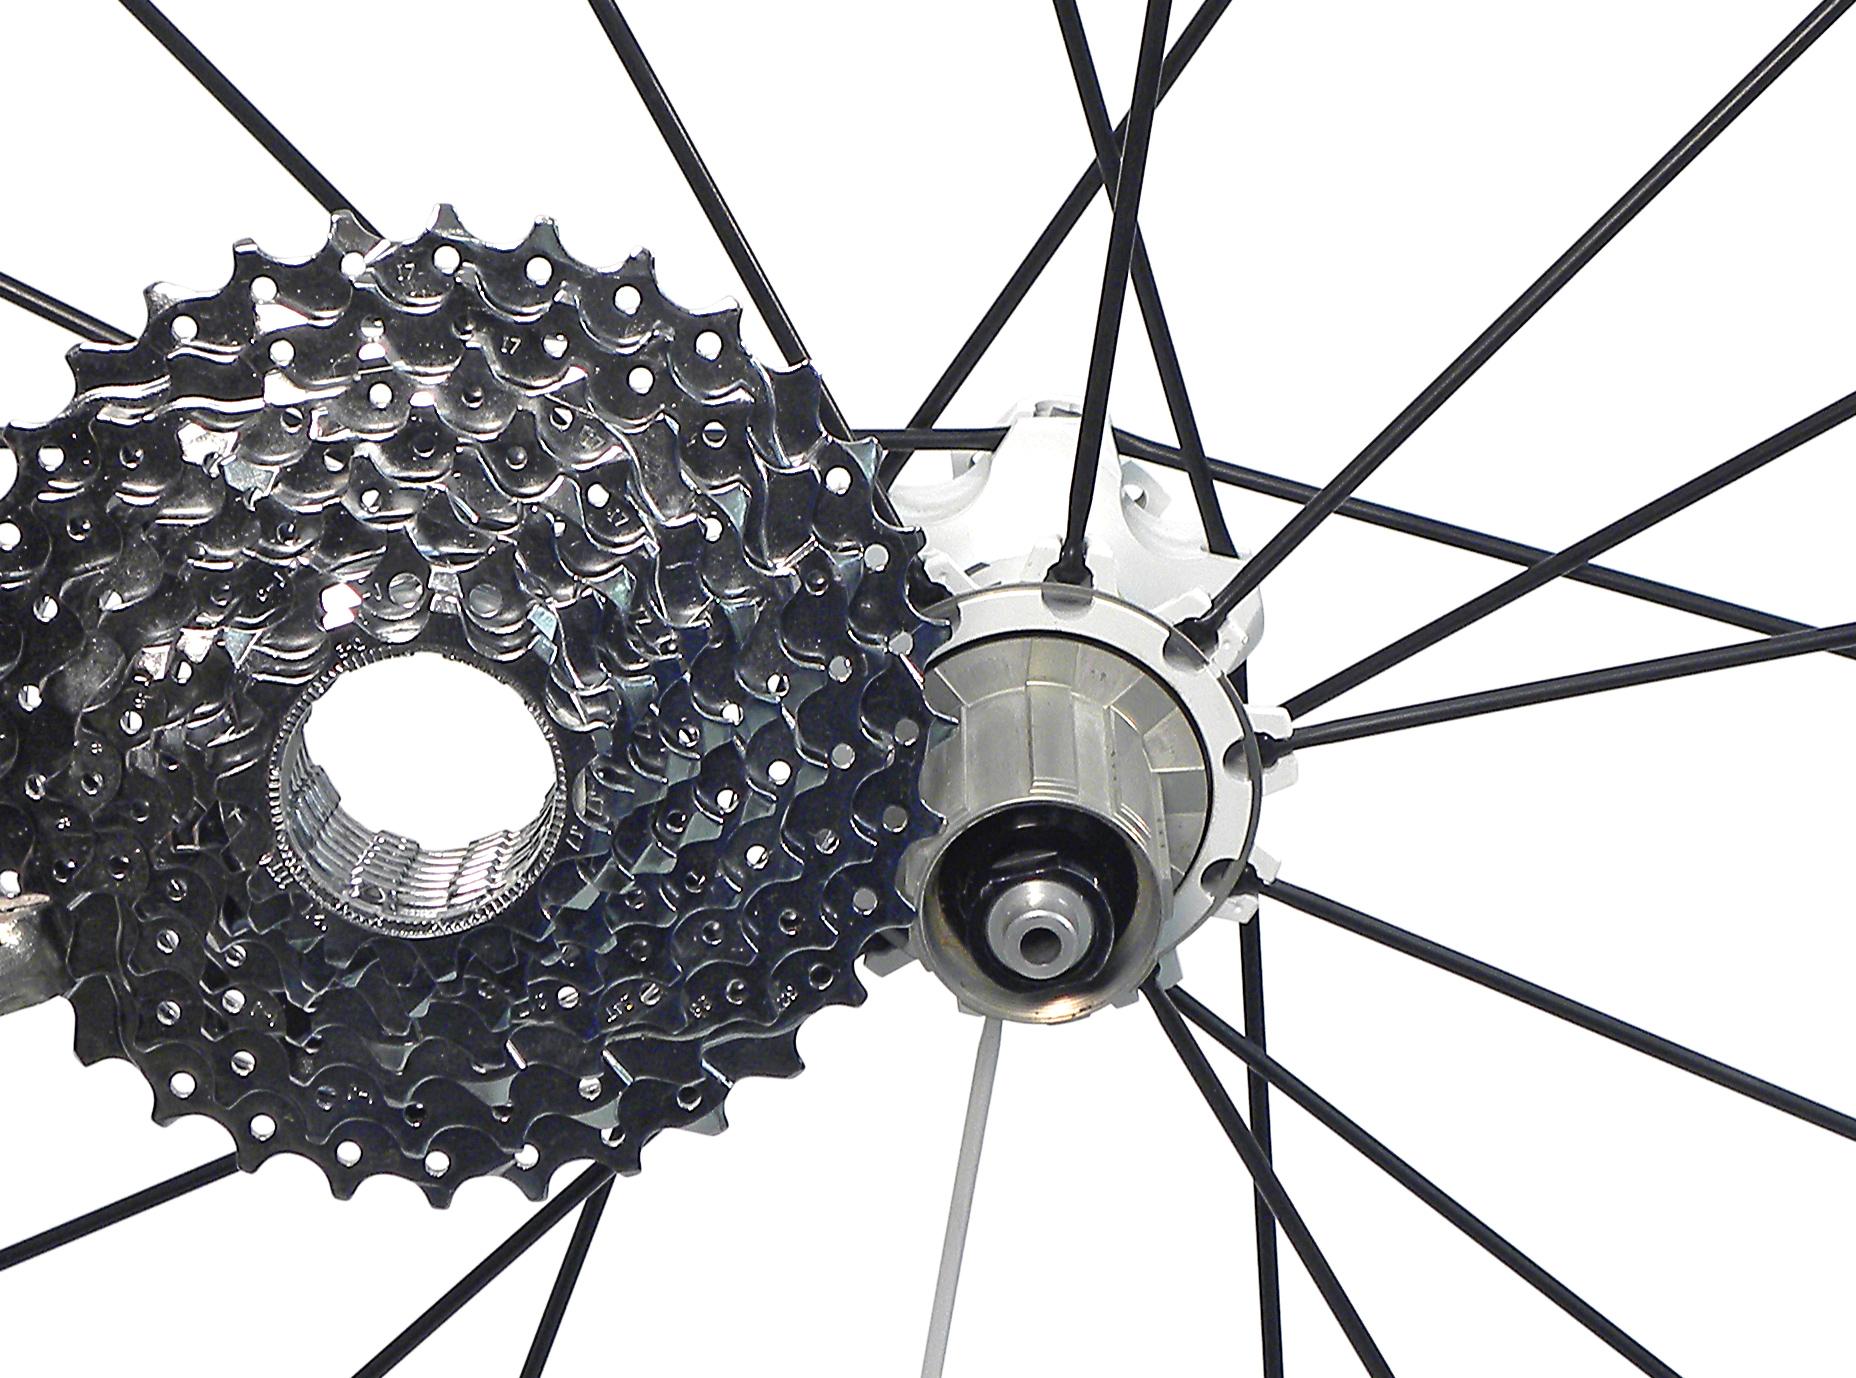 Bicycle Rear Hub Overhaul